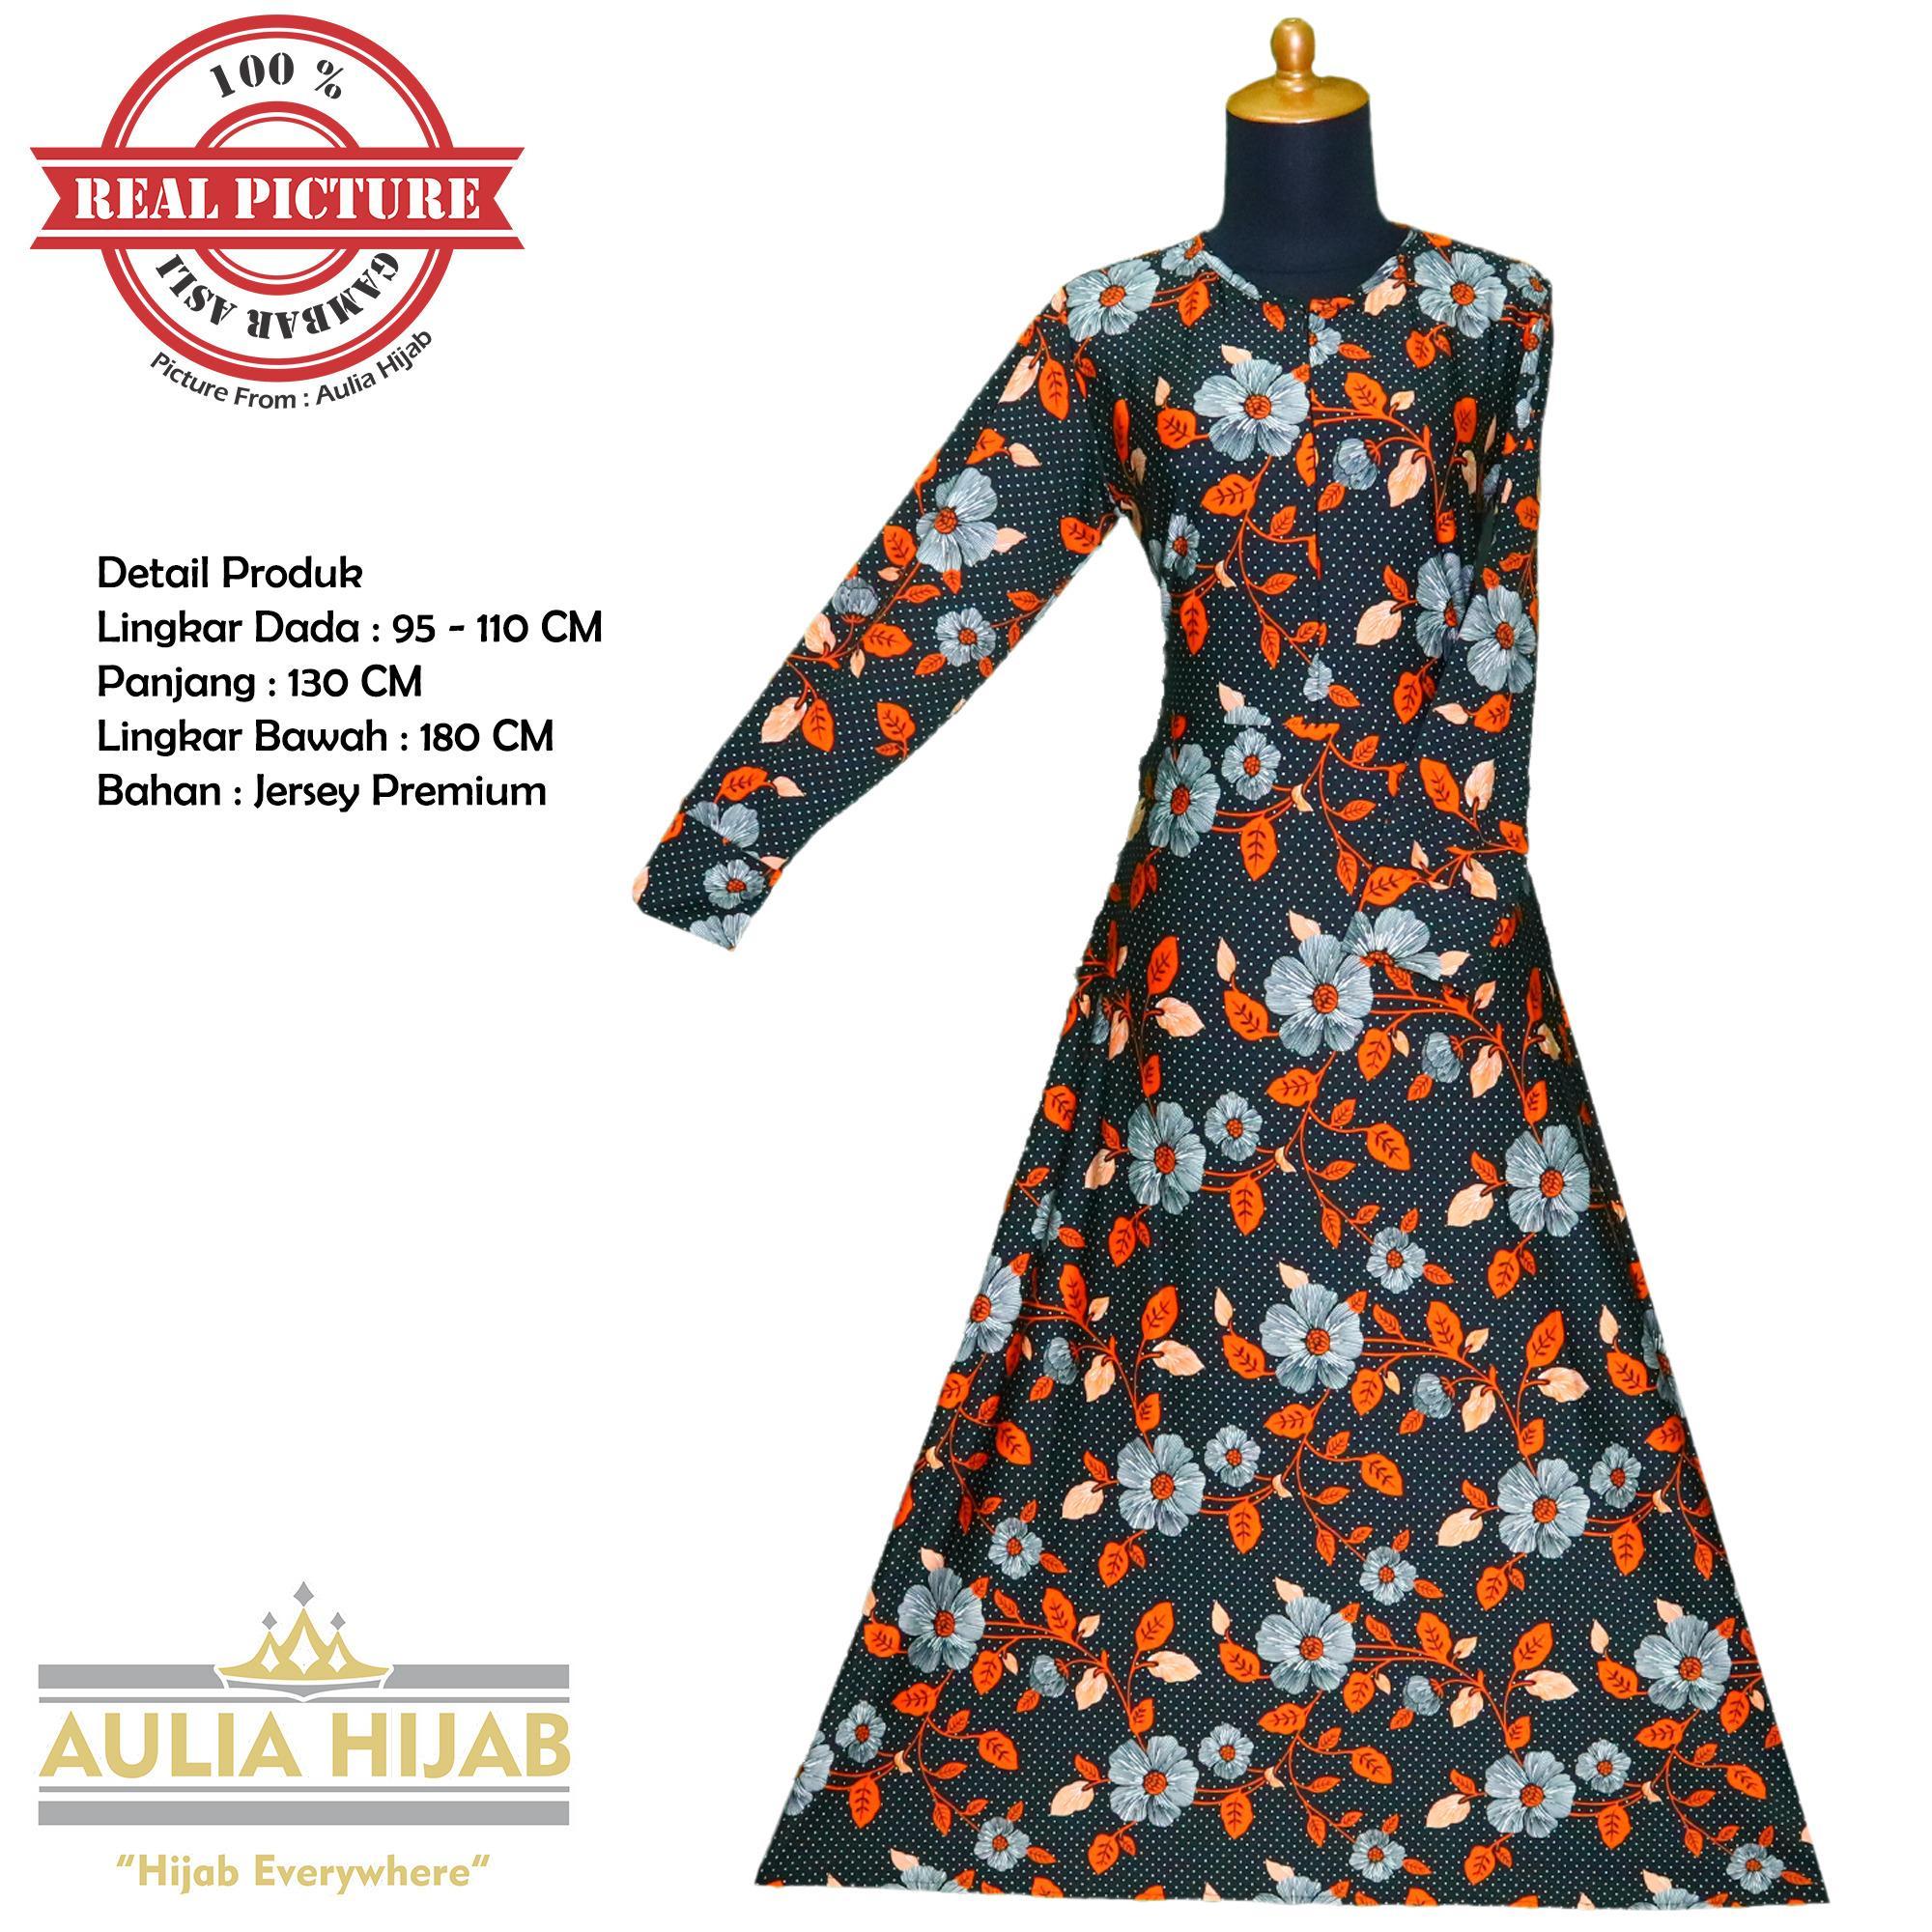 Beli Aulia Hijab New Cindy Dress Gamis Jersey Gamis Batik Gamis Premium Gamis Pesta Gamis Real Picture Gamis Santai Gamis Kerja Gamis Harian Gamis Termurah Gamis Asli Kredit